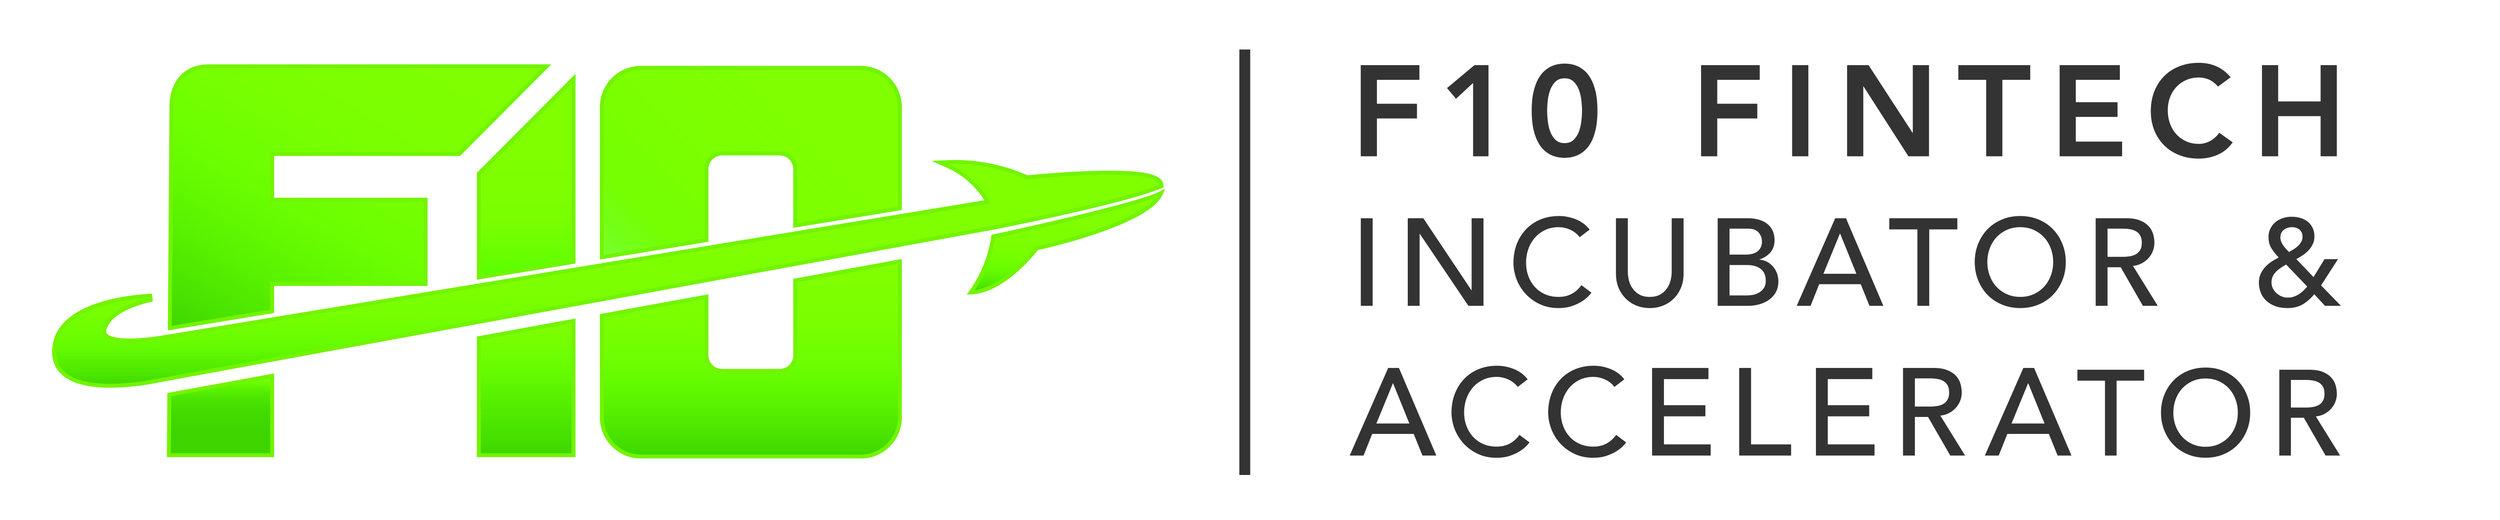 Copy of F10 FinTech Incubator & Accelerator